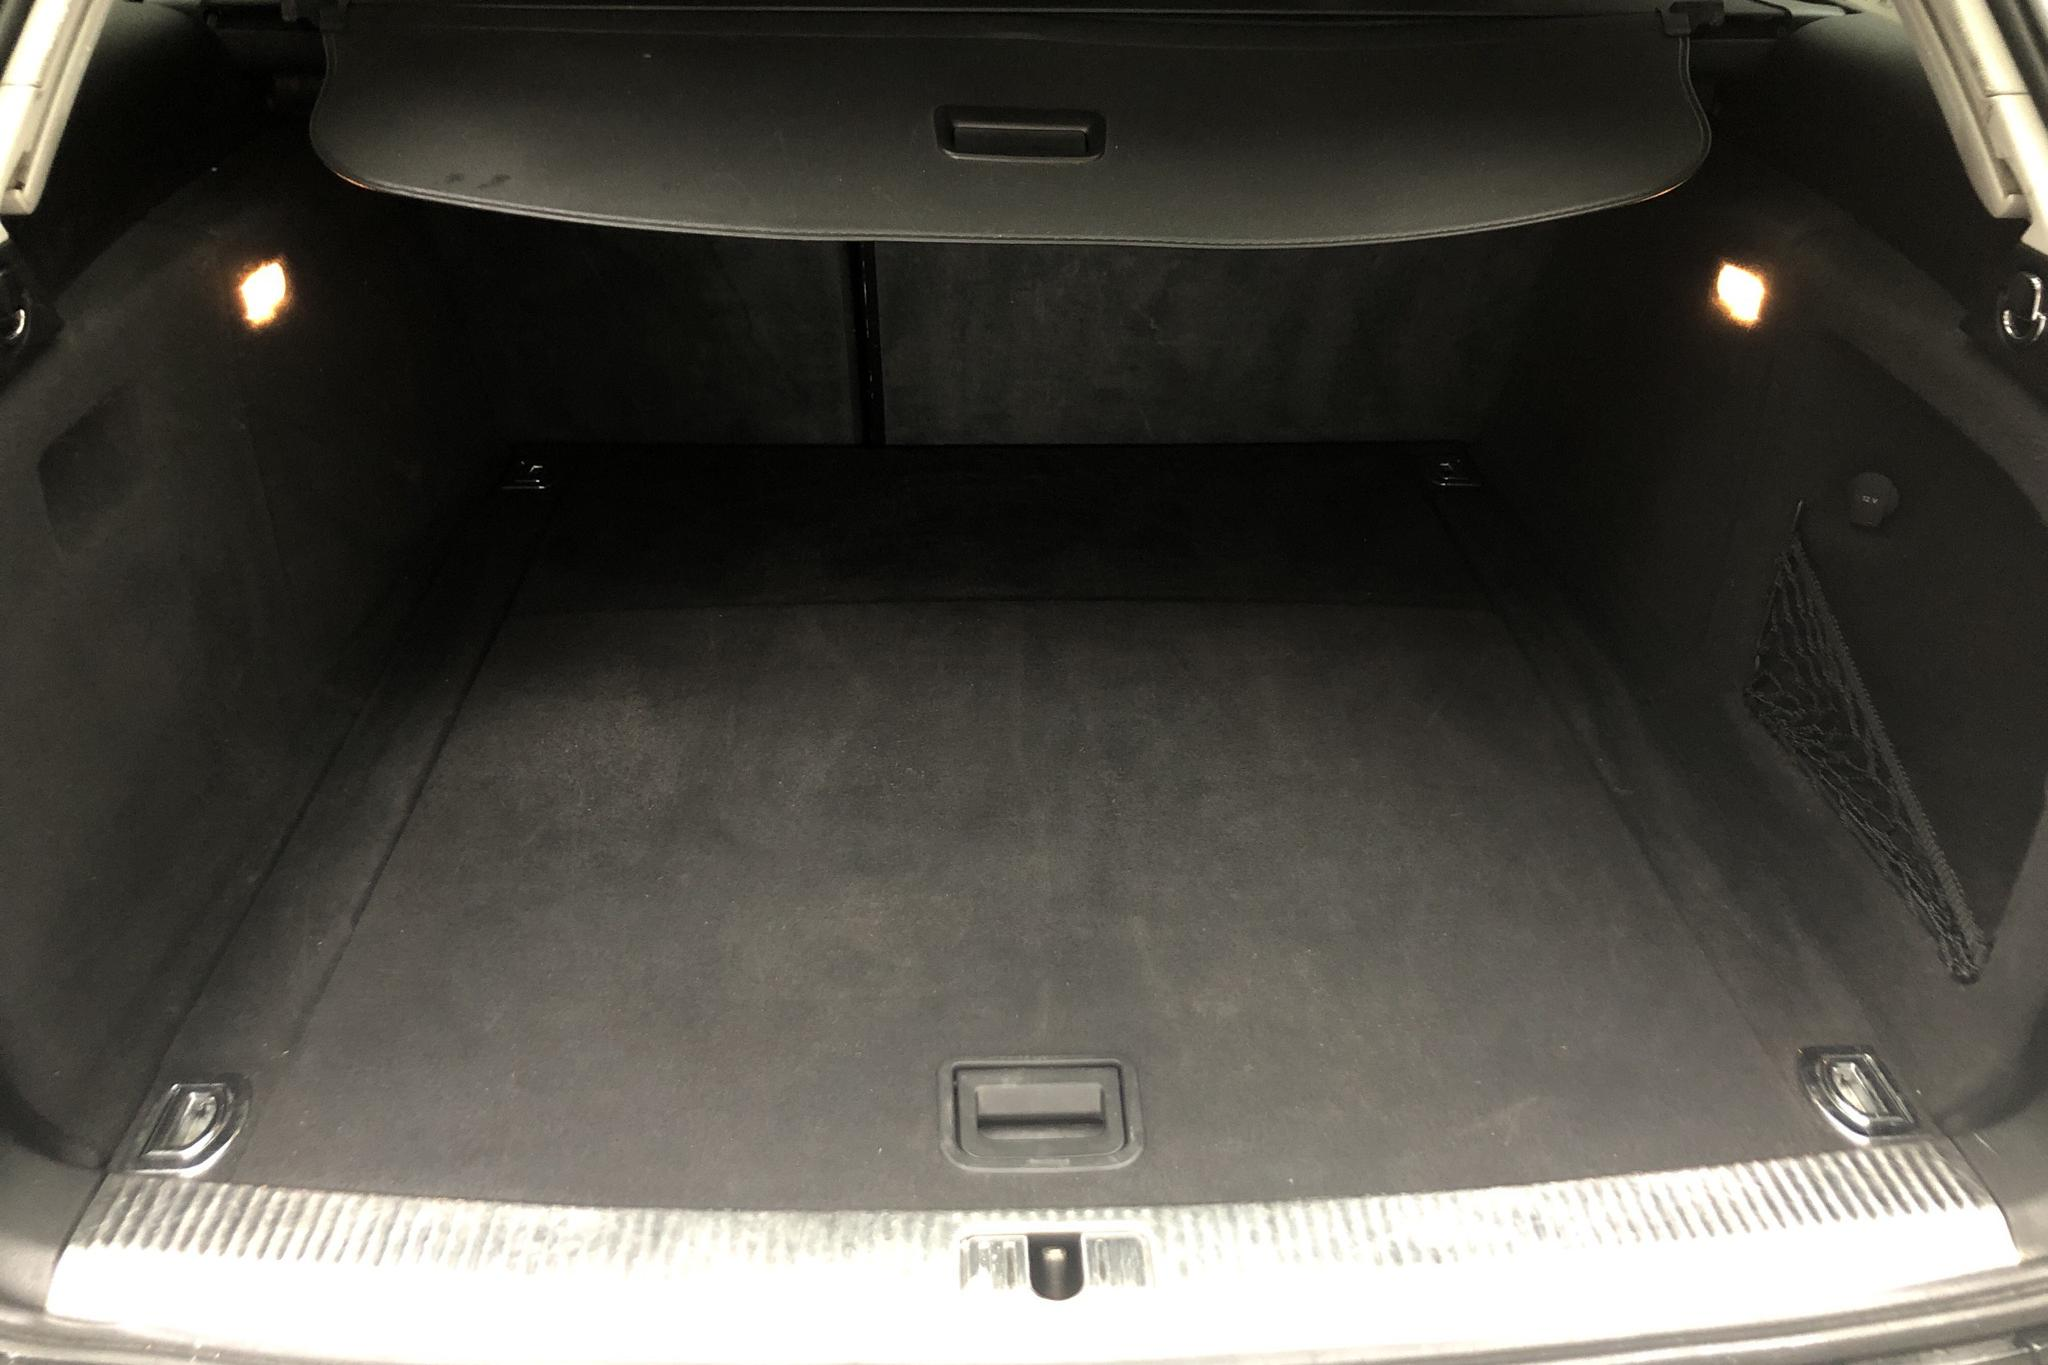 Audi A4 2.0 TDI Avant quattro (170hk) - 21 987 mil - Manuell - svart - 2012